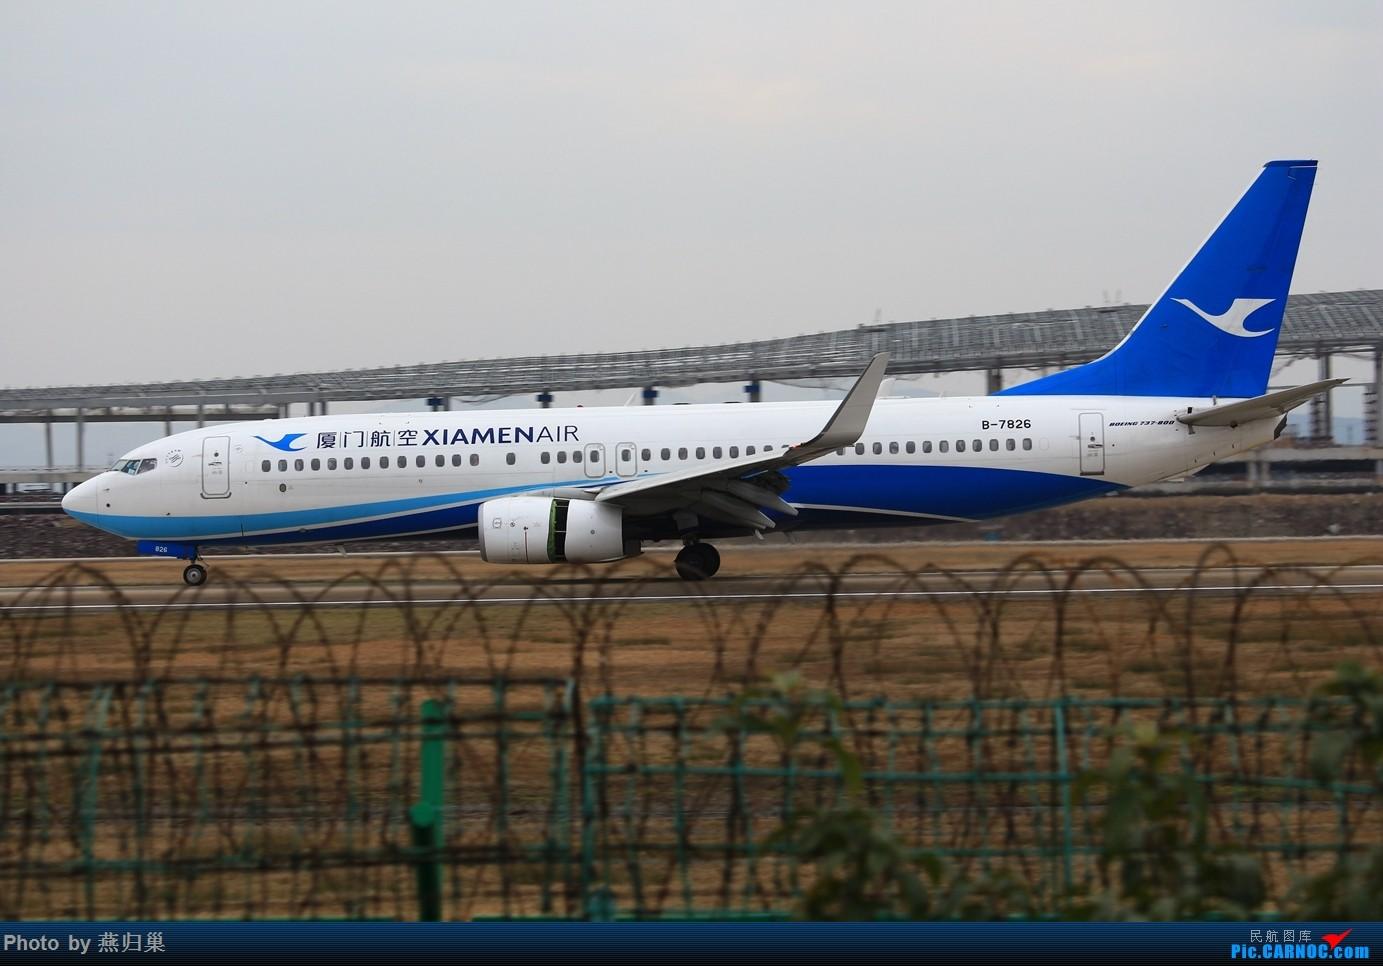 Re:[原创]【宁波飞友会】年前NGB拍机合集 BOEING 737-800 B-7826 中国宁波栎社国际机场